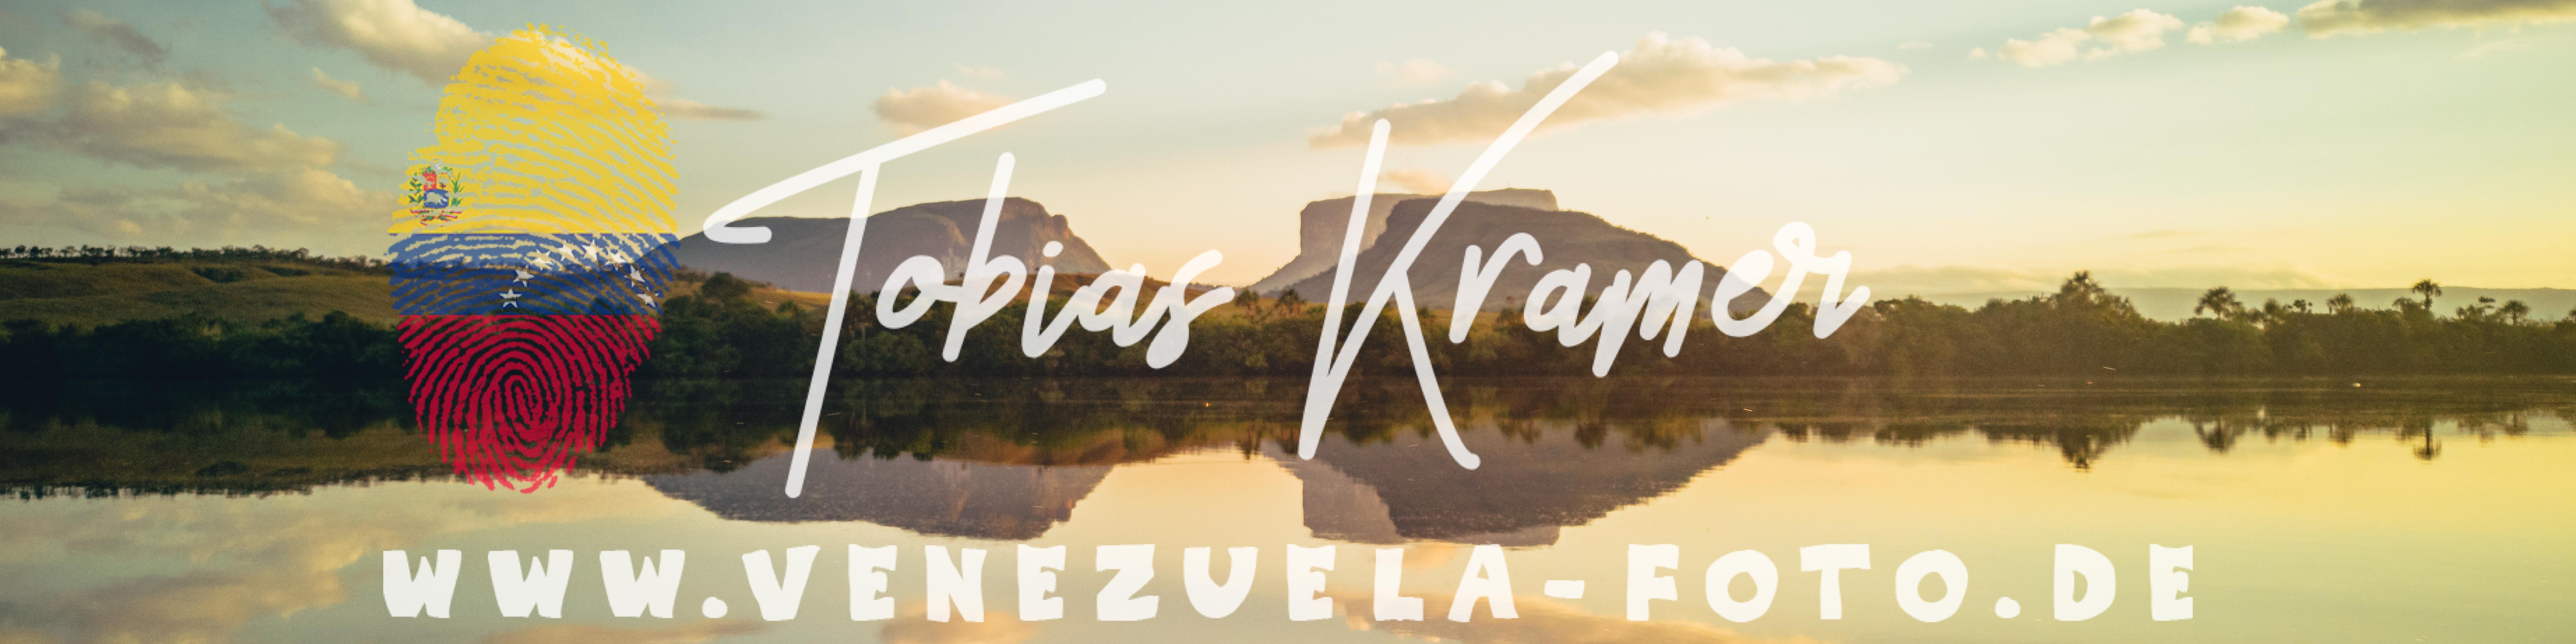 www.venezuela-foto.de